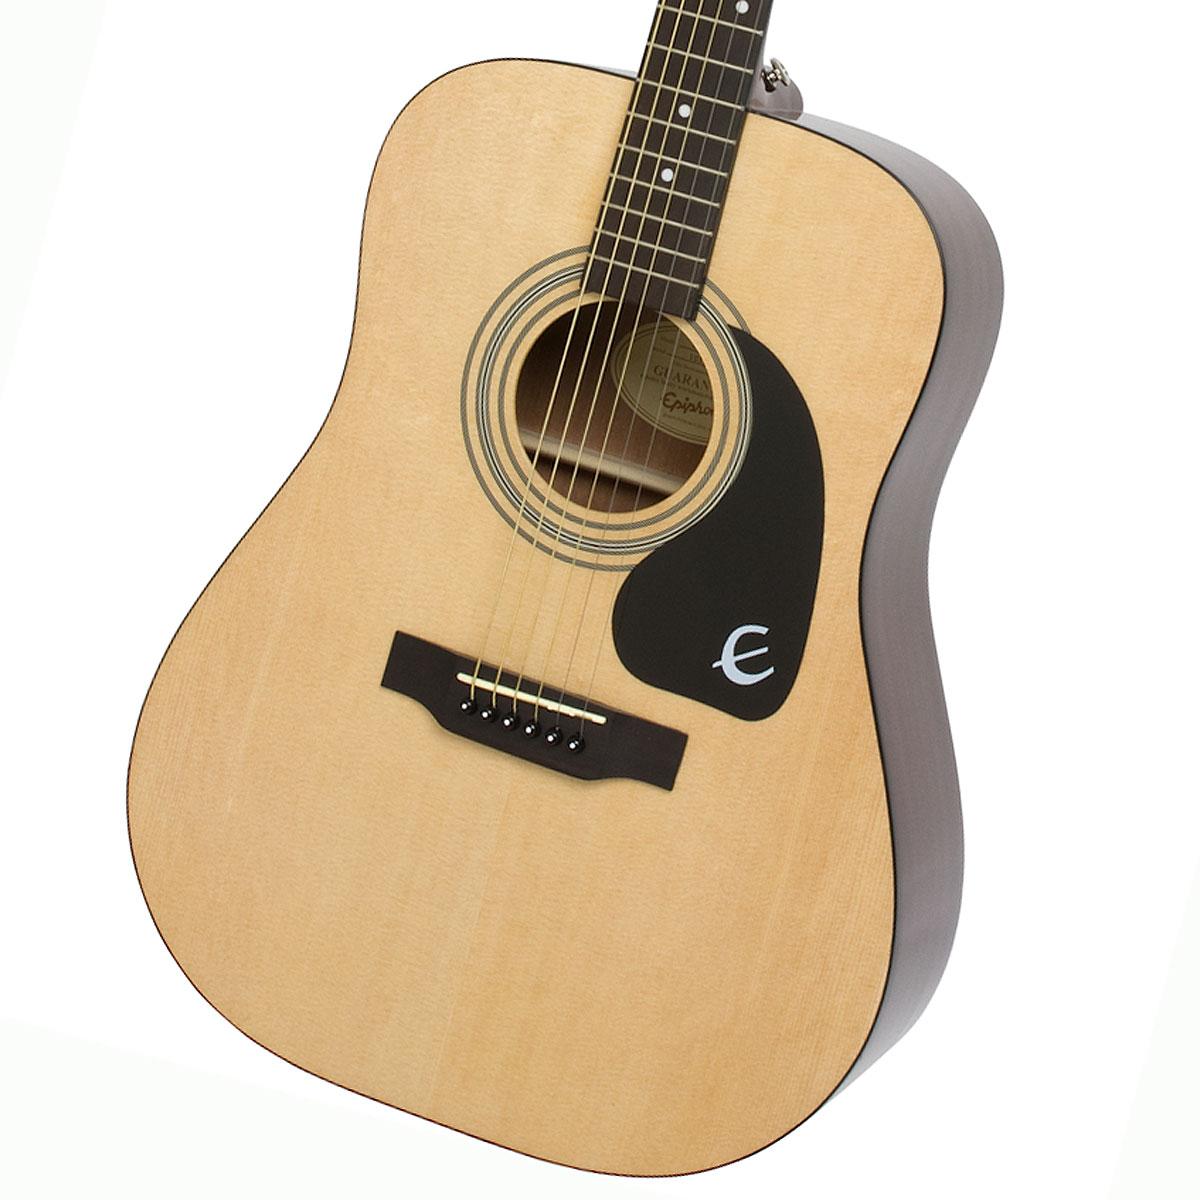 アコギ EPIPHONE 【在庫有り】 / 《純正アクセサリーセット進呈 アコースティックギター エピフォン NA フォークギター (Natural) 初心者 DR-100 入門 /+2308111625005》 DR100